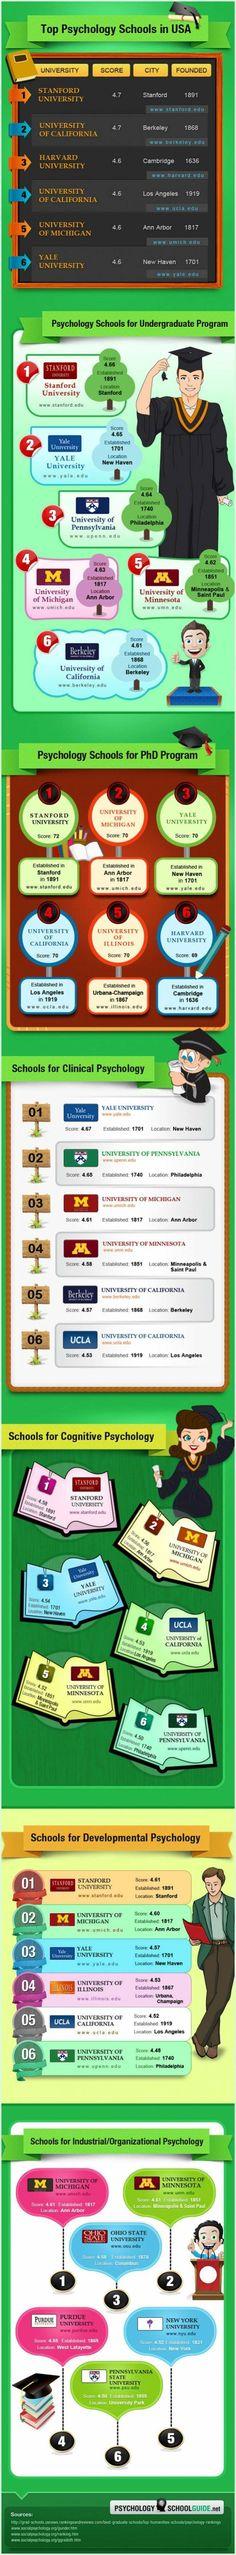 Las mejores Escuelas de psicología de Estados Unidos #infografia #infographic #education